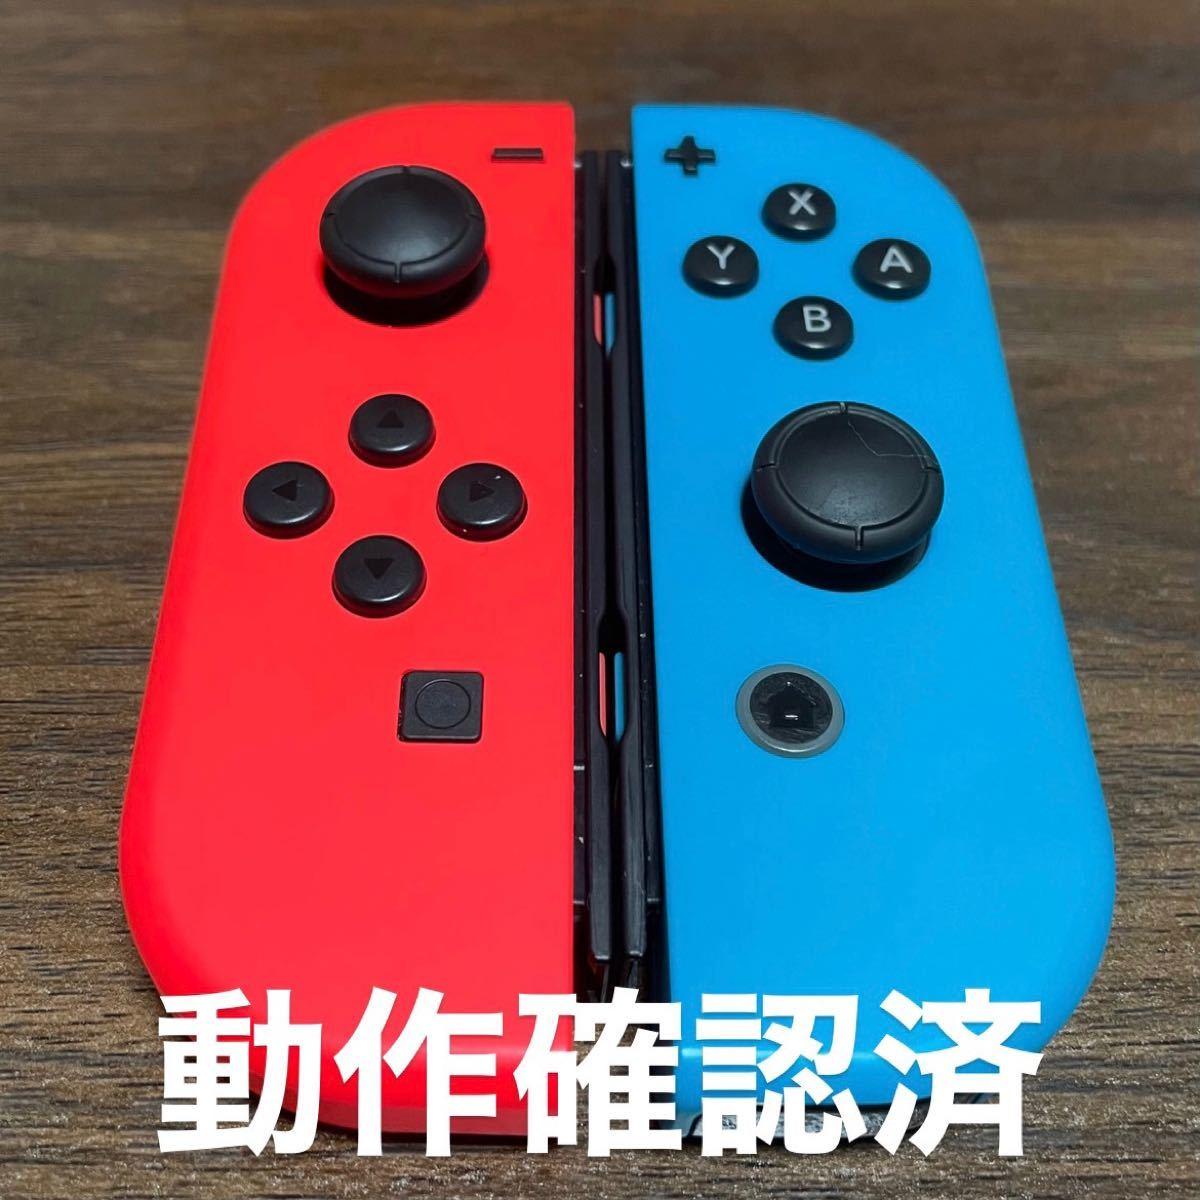 【動作確認済】Nintendo Switch Joy-Con ジョイコン ネオンレッド(L) ネオンブルー(R)